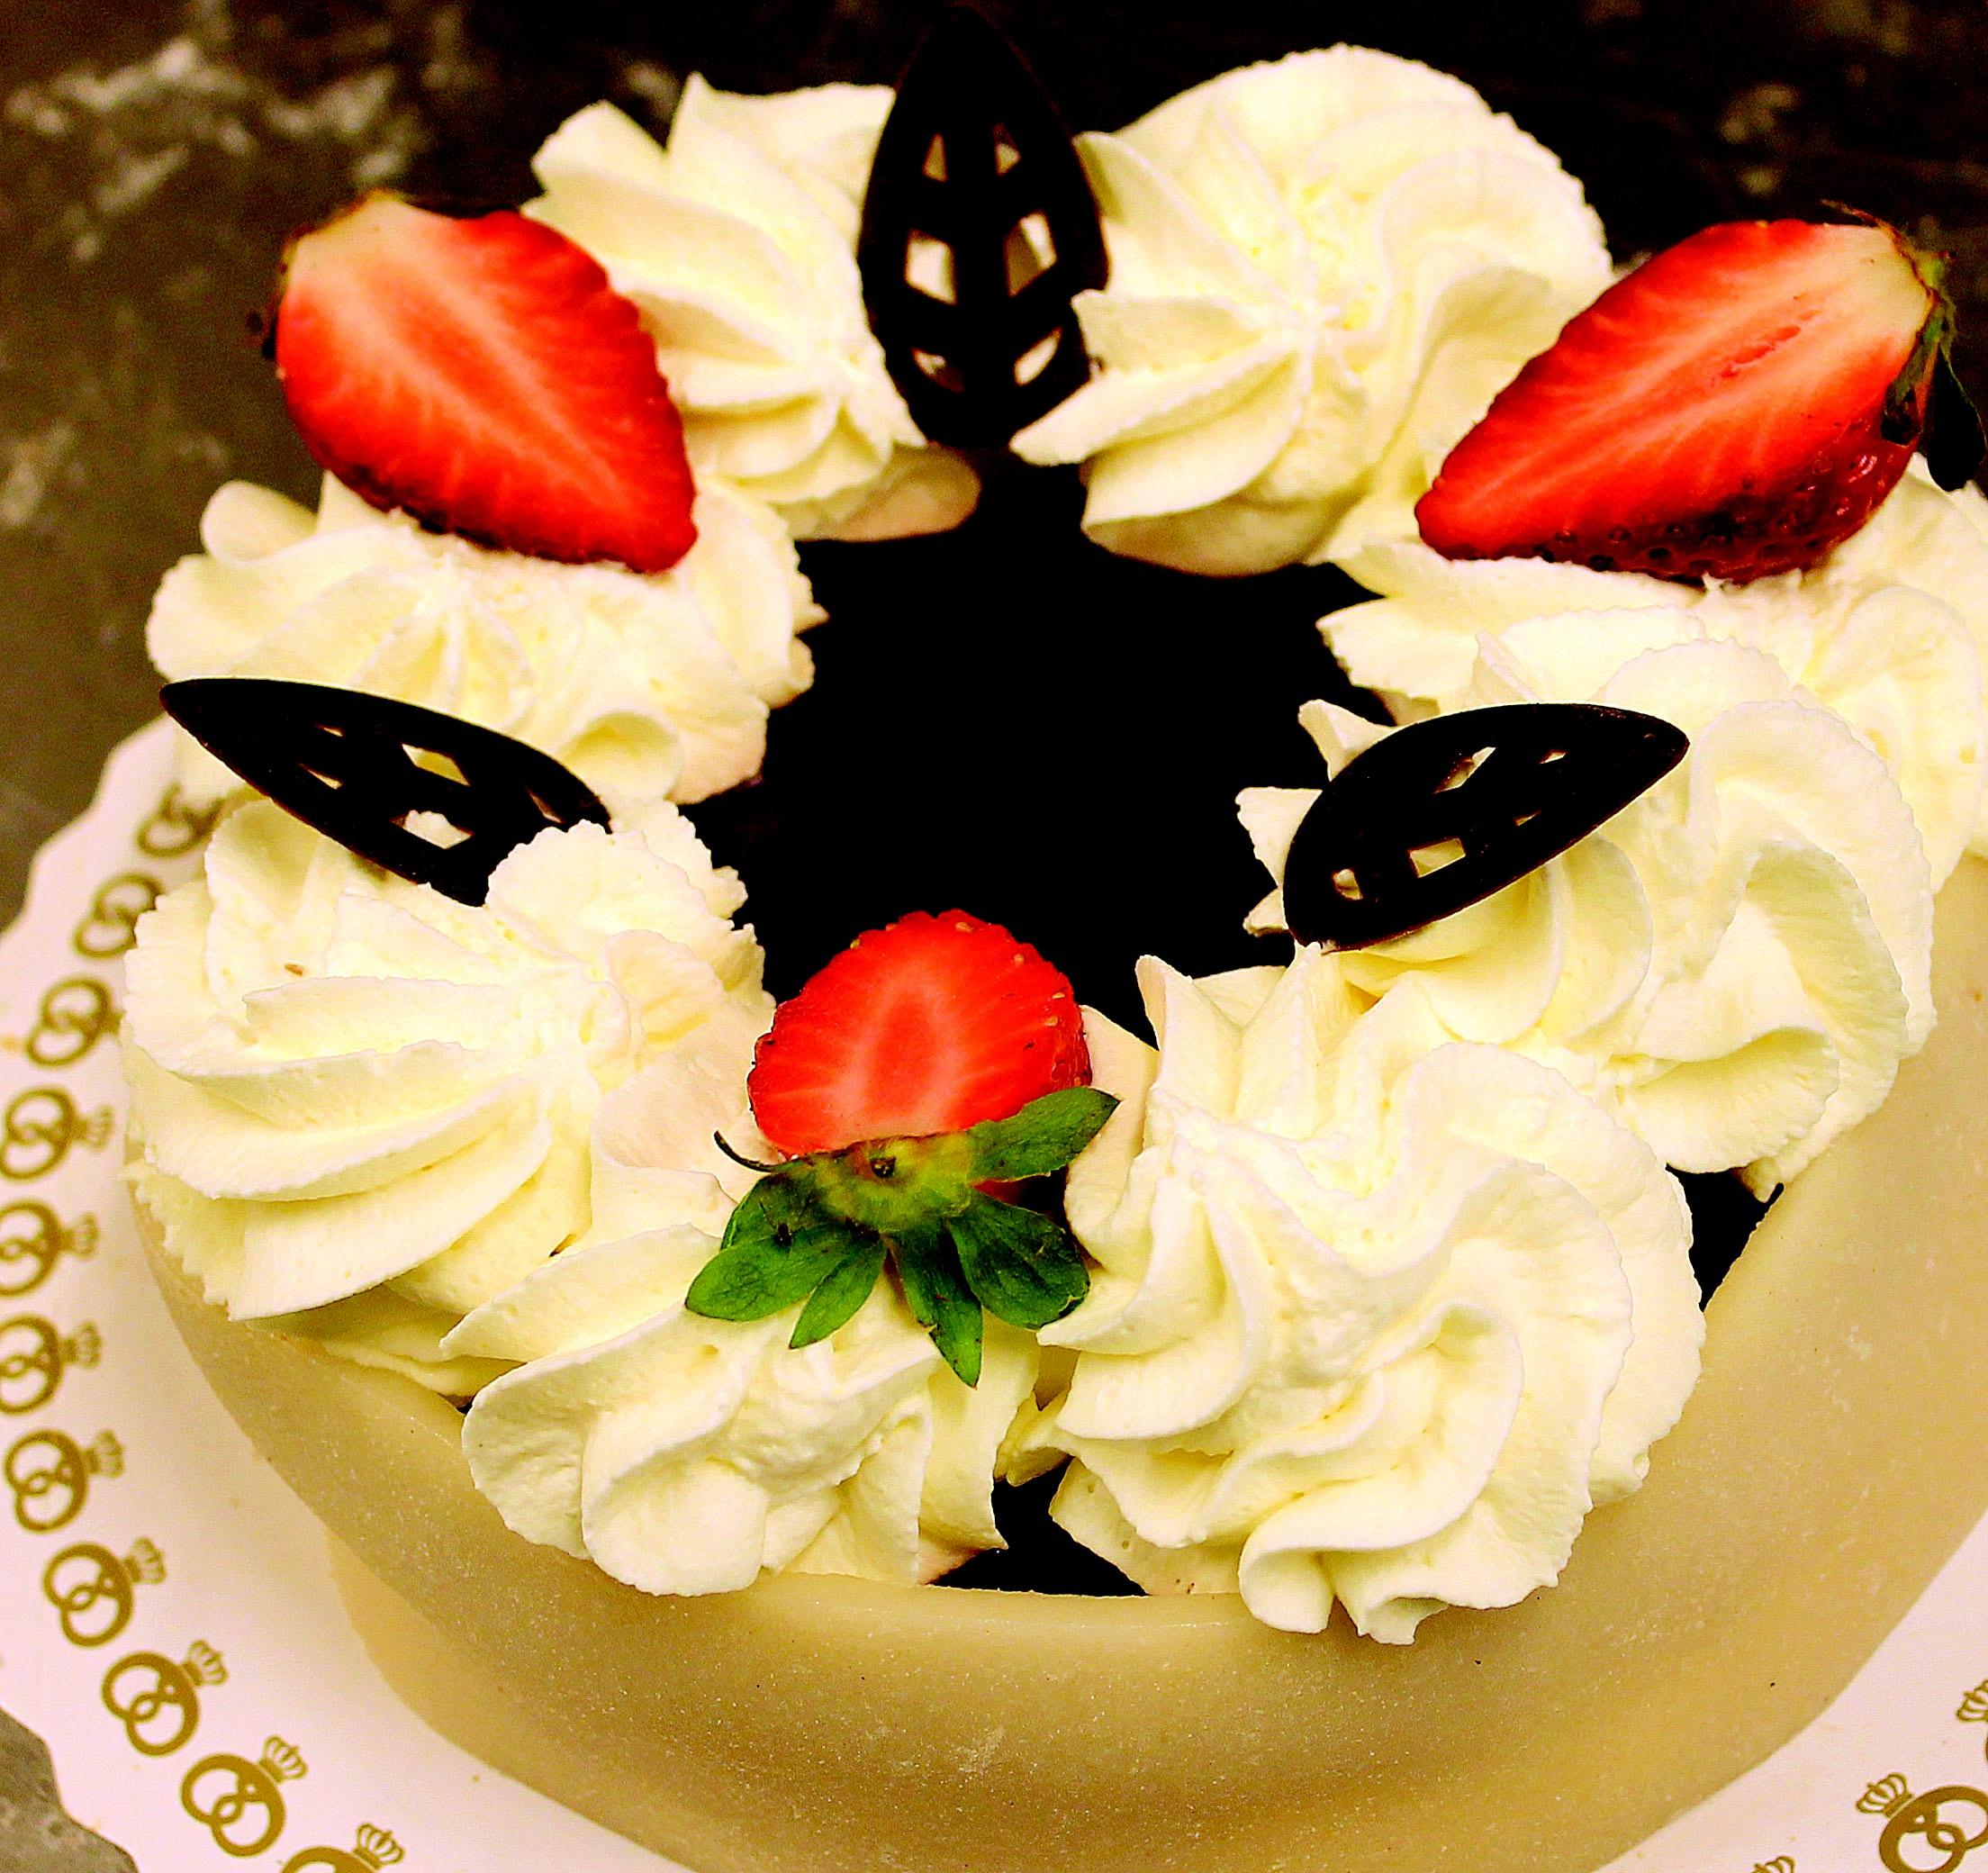 flor ptalo celebracion plato comida produce postre cocina crema pastel festivo crema batida formacin de hielo